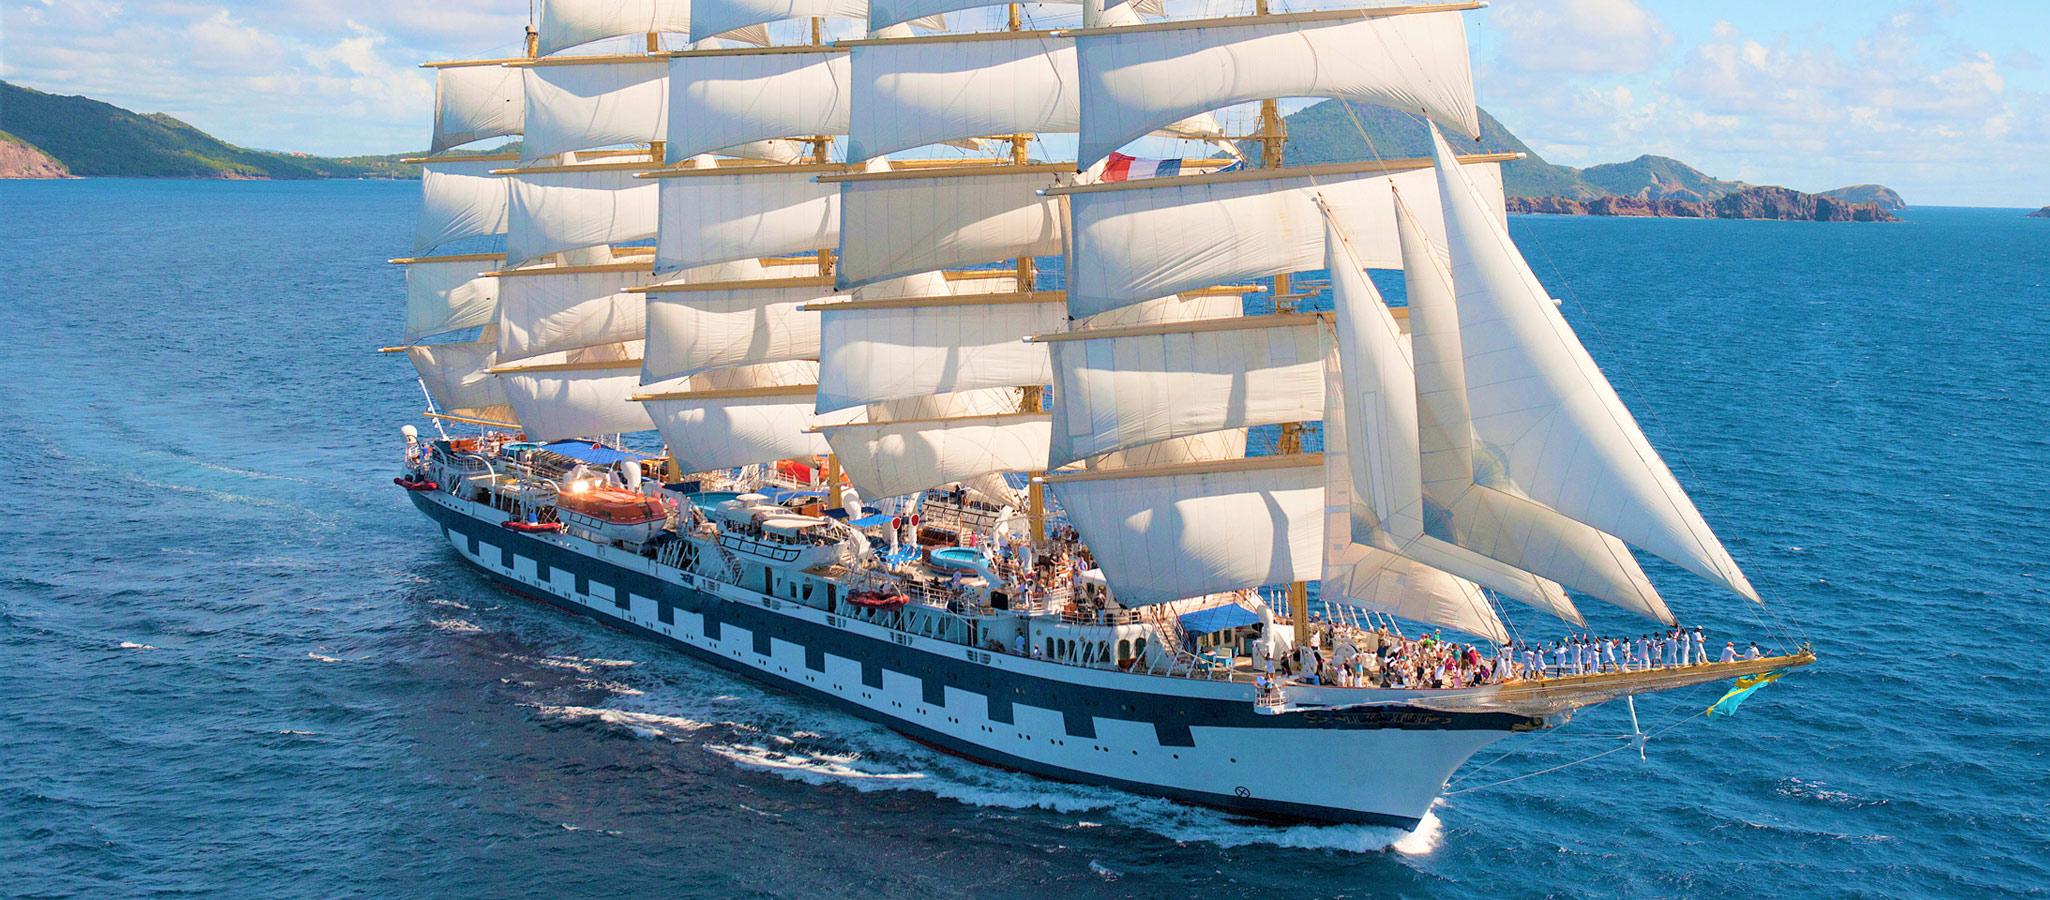 Eines der größten Segelschiffe der Welt - und mit über 5.000 Quadratmetern Segelfläche eine spektakuläre all-in-one Event-Location.